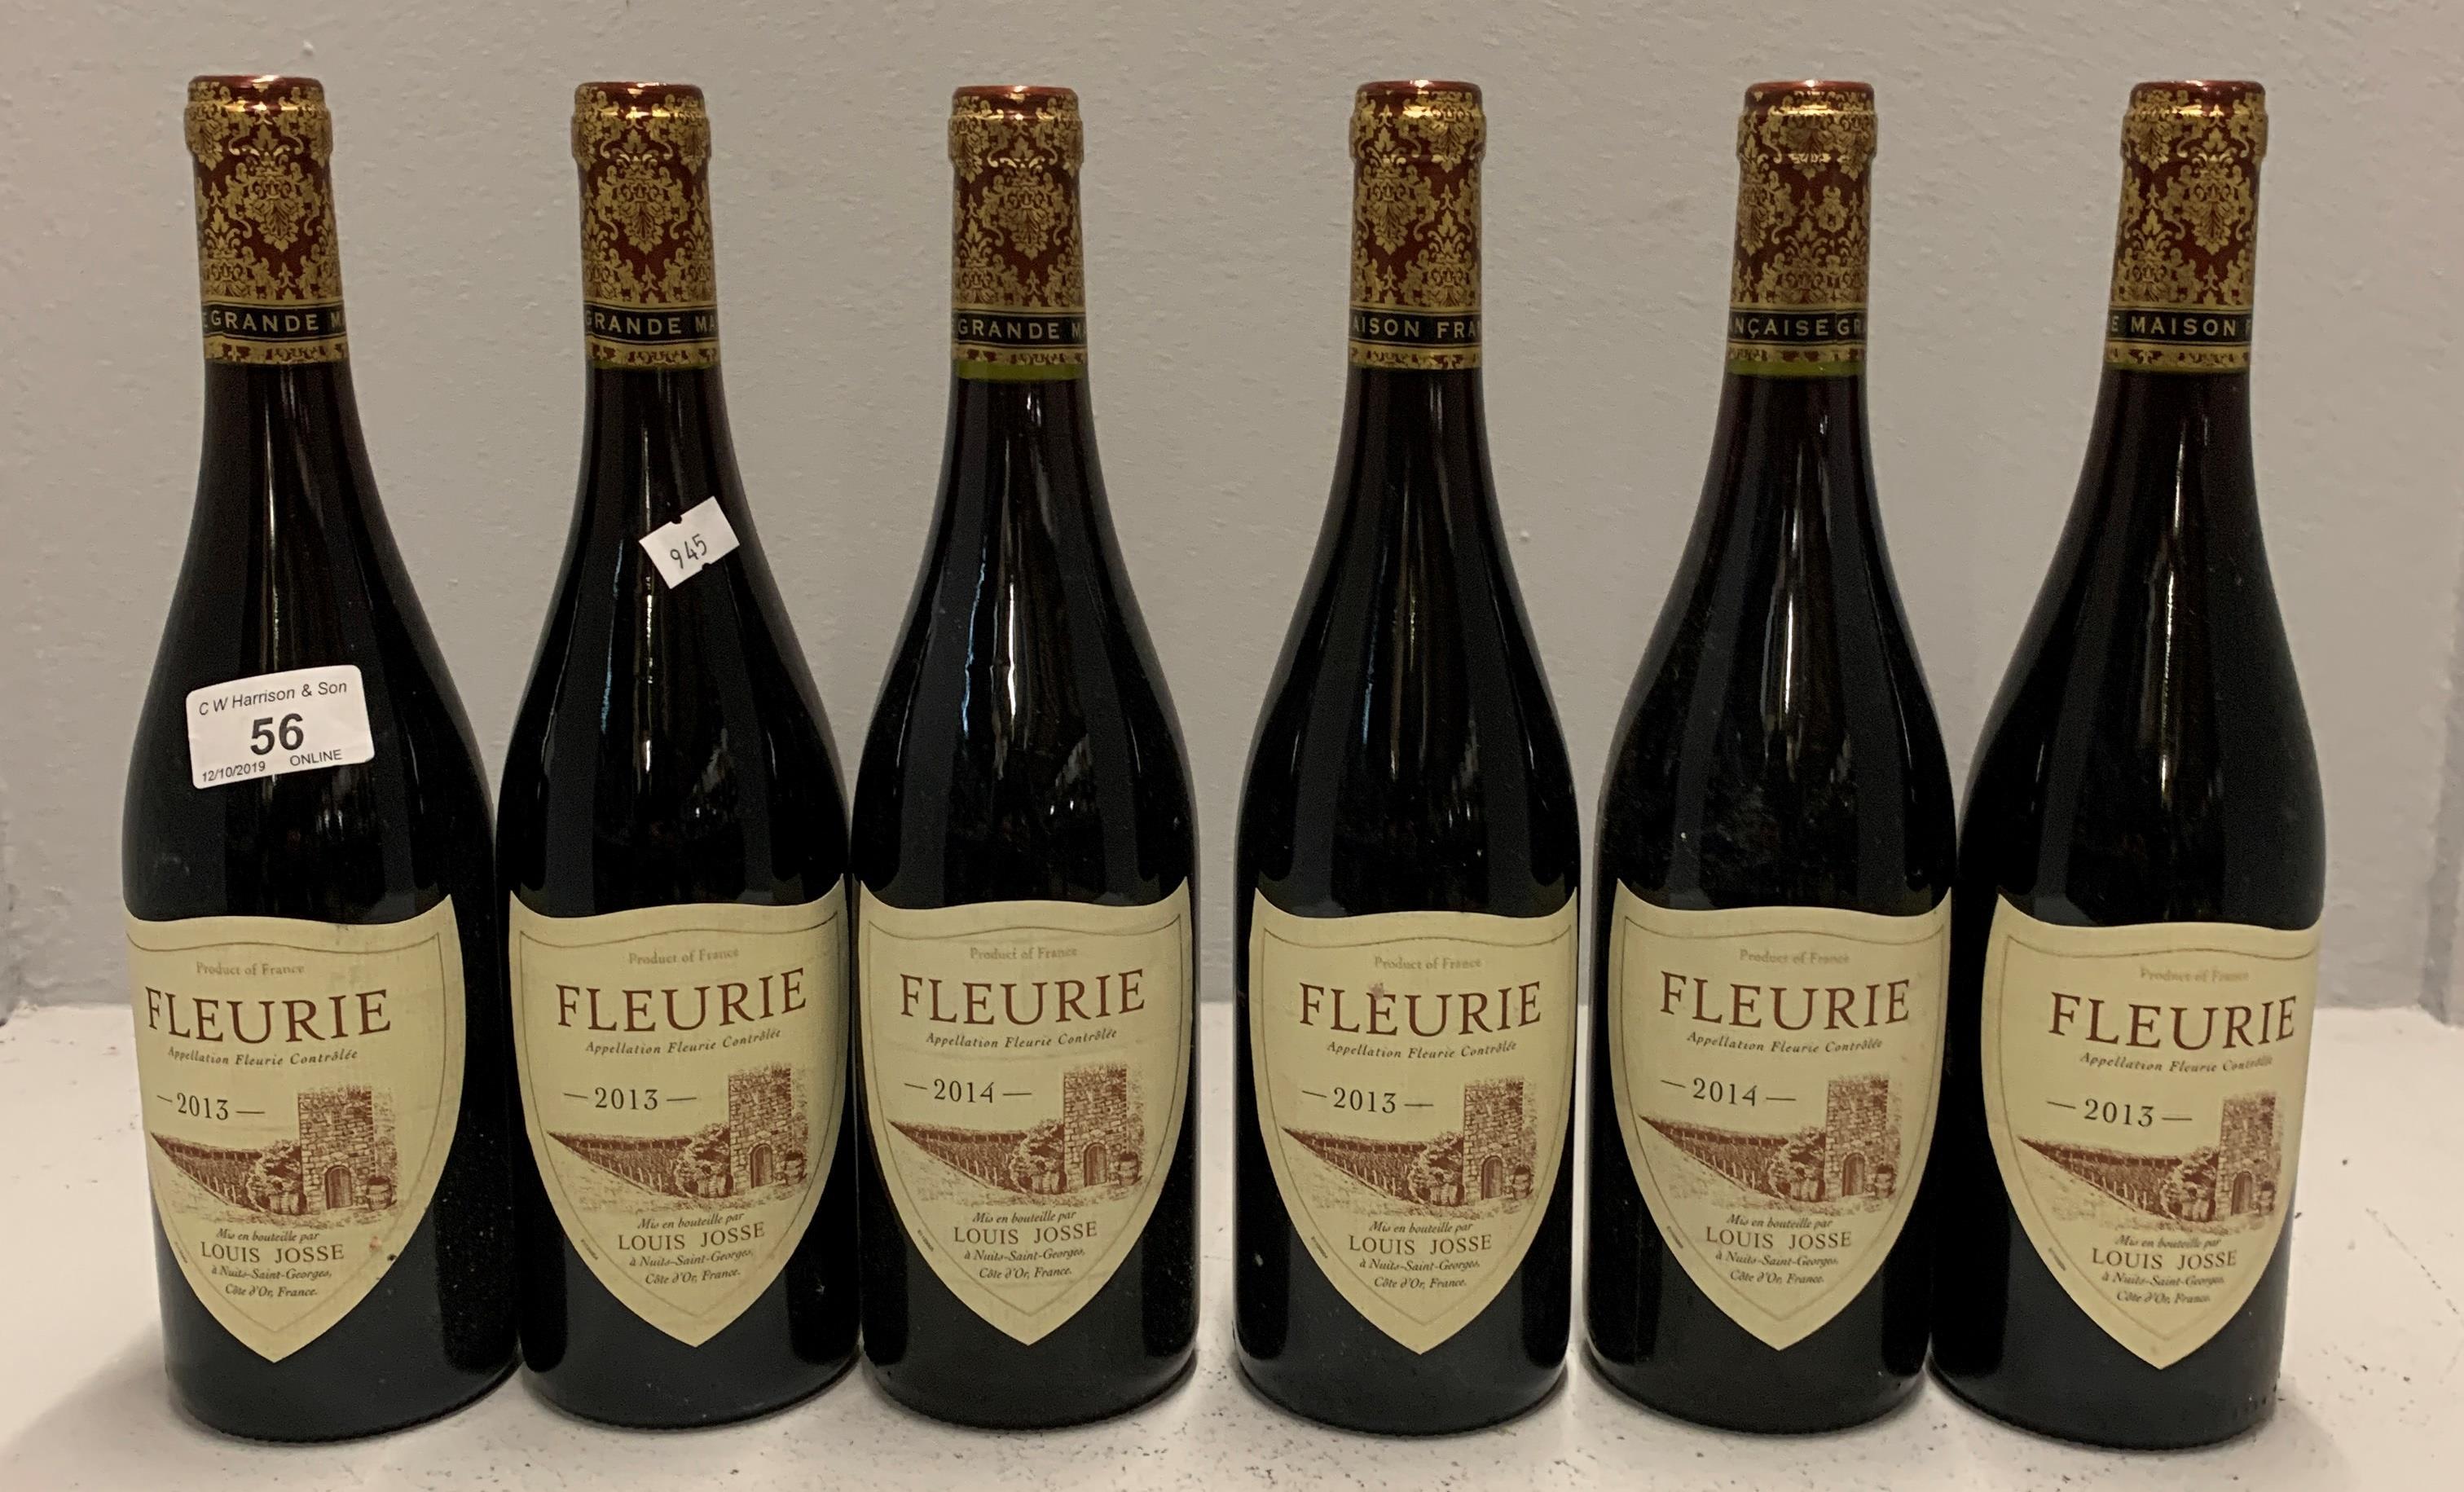 Lot 56 - 6 x 750ml bottles Louis Josse Fleurie